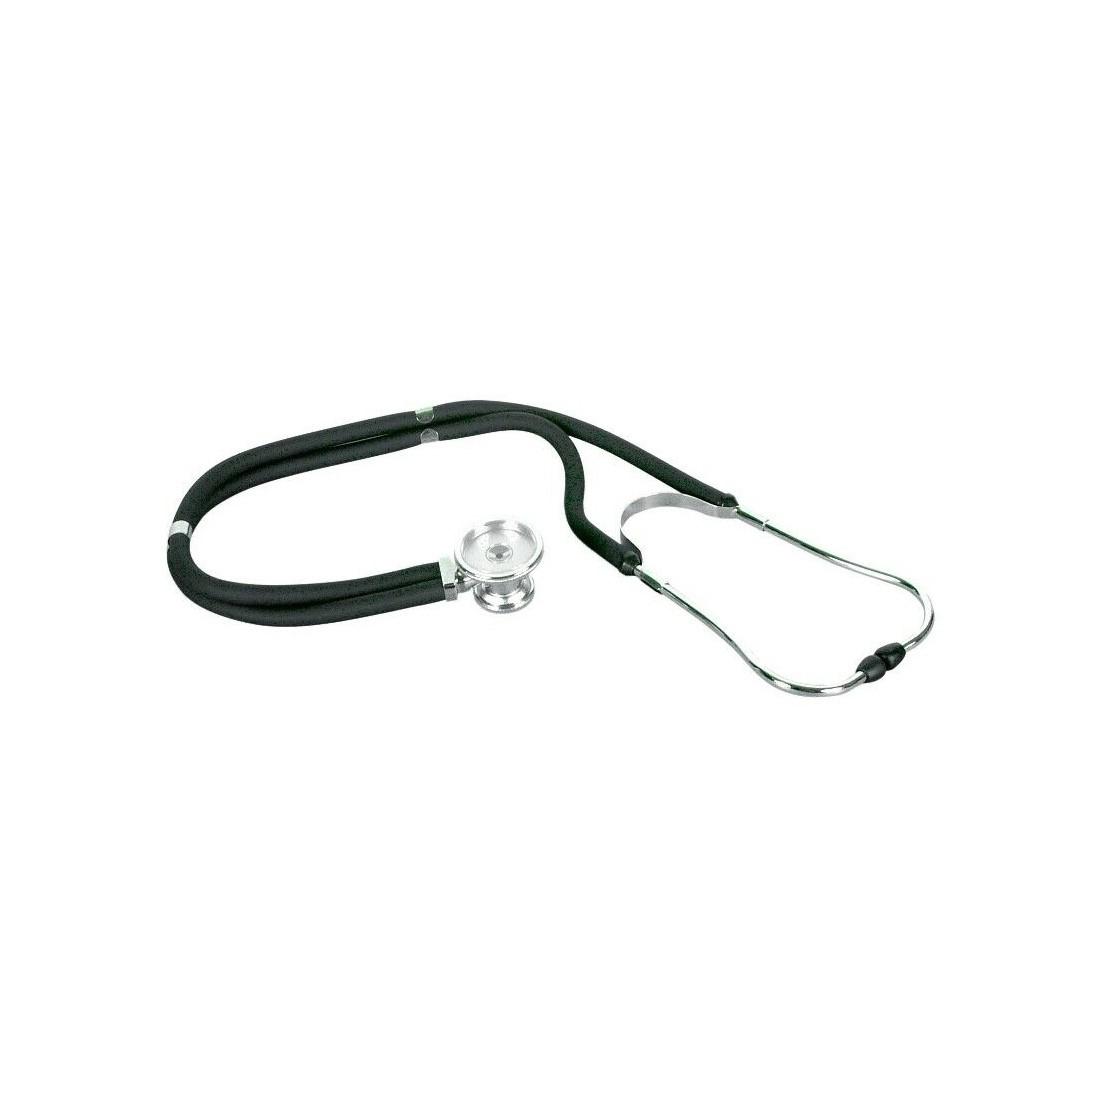 Stethoskop Doppelkopf Typ Rappaport, schwarz